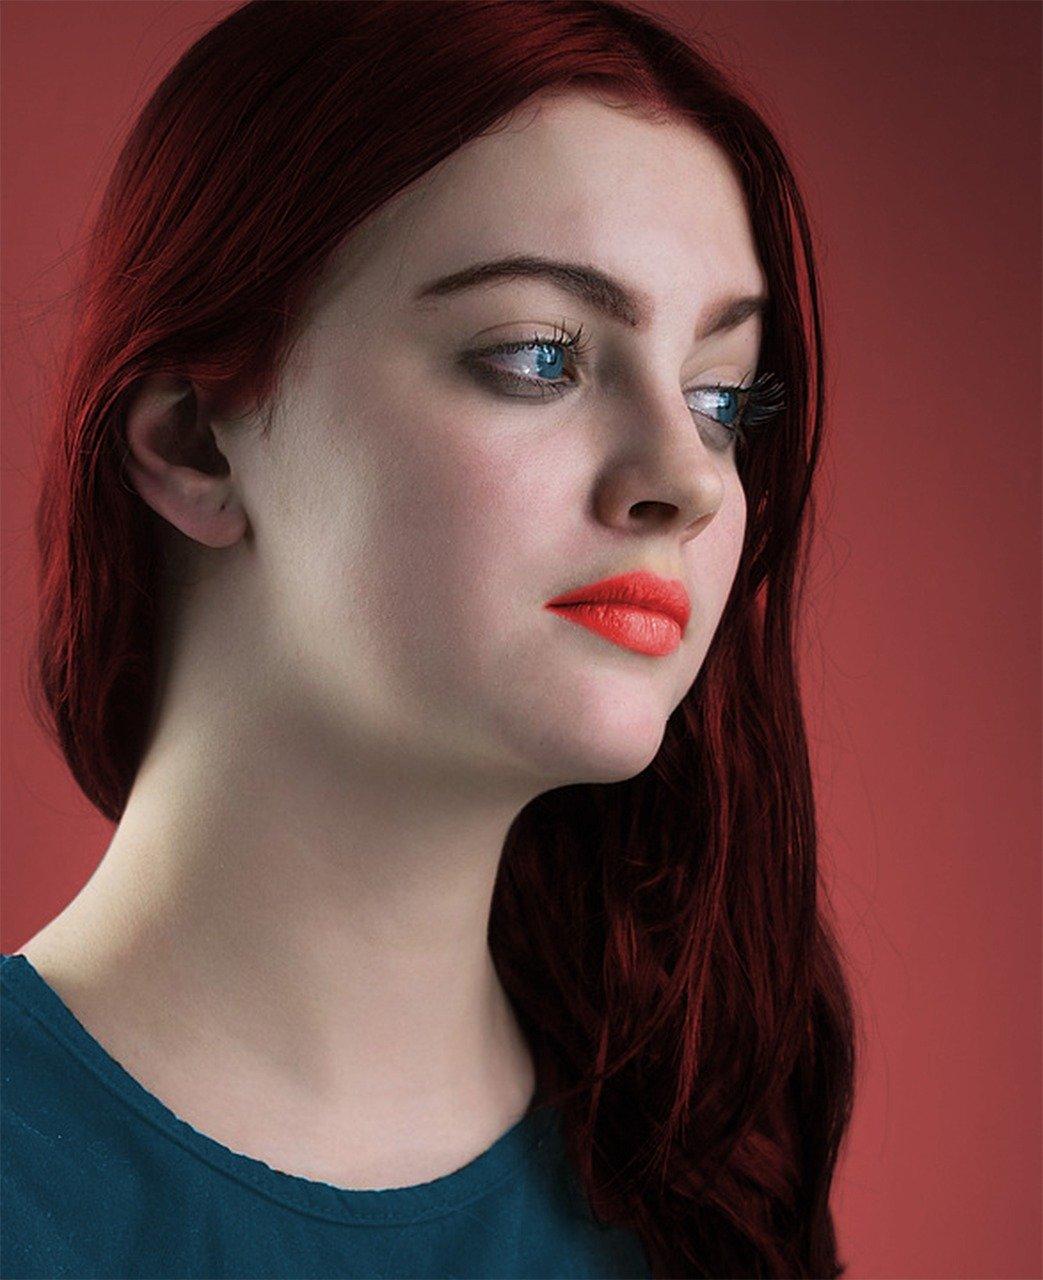 Początkujący makijaż – jak zrobić idealne kreski?